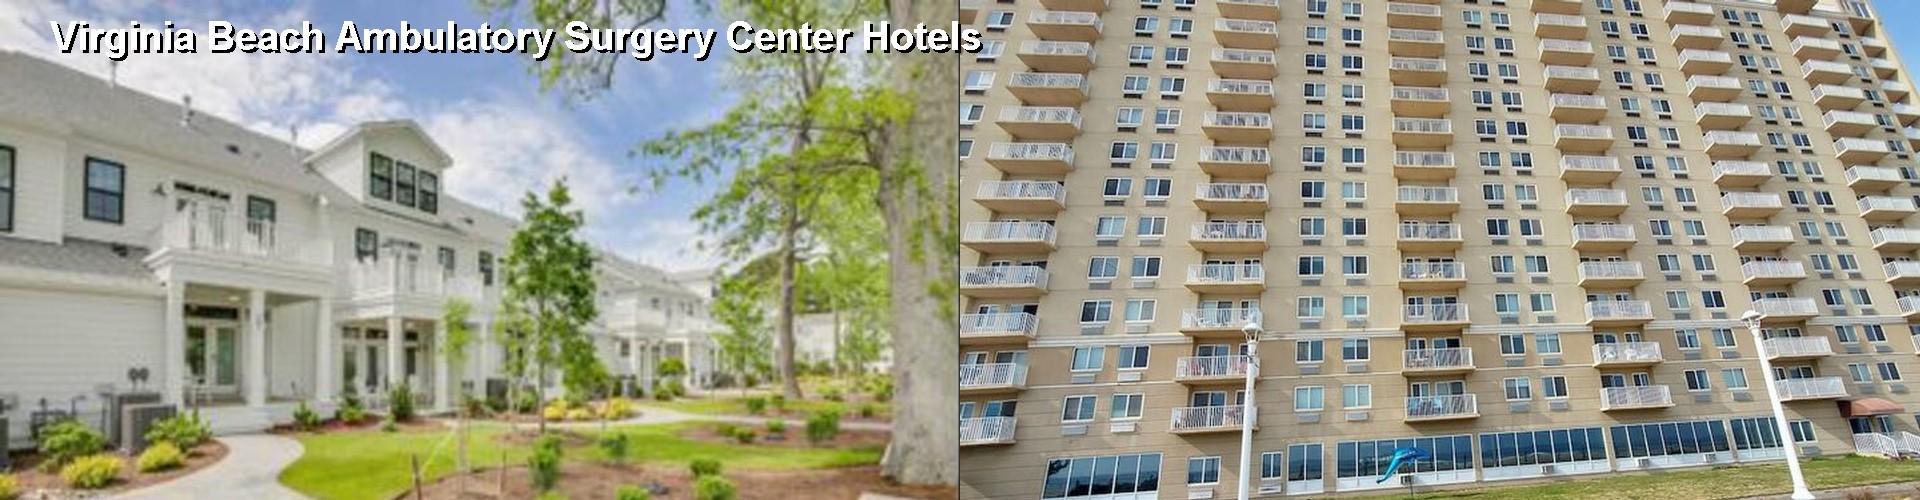 5 Best Hotels Near Virginia Beach Ambulatory Surgery Center